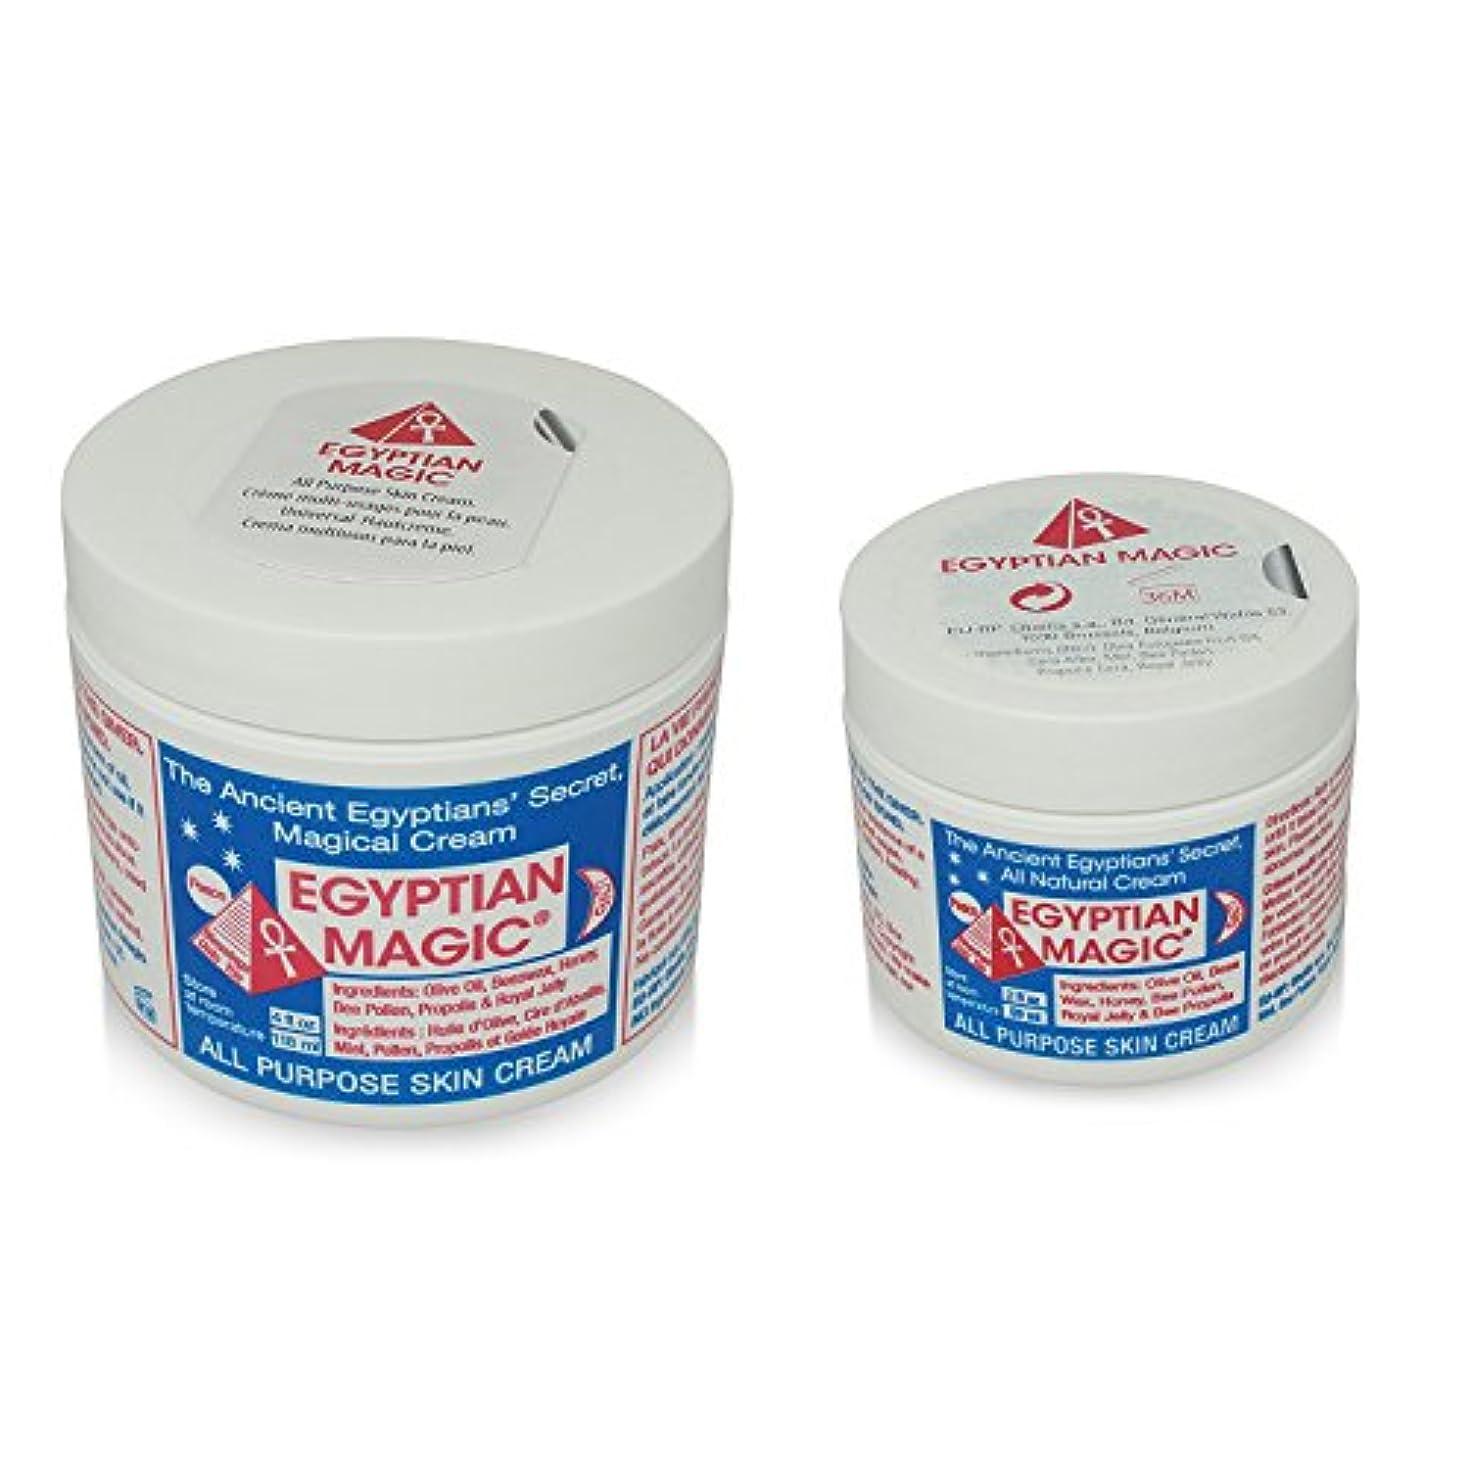 苦難矢百万Egyptian Magic Skin Cream エジプシャンマジッククリーム  (118ml)と(59ml)の2個セット